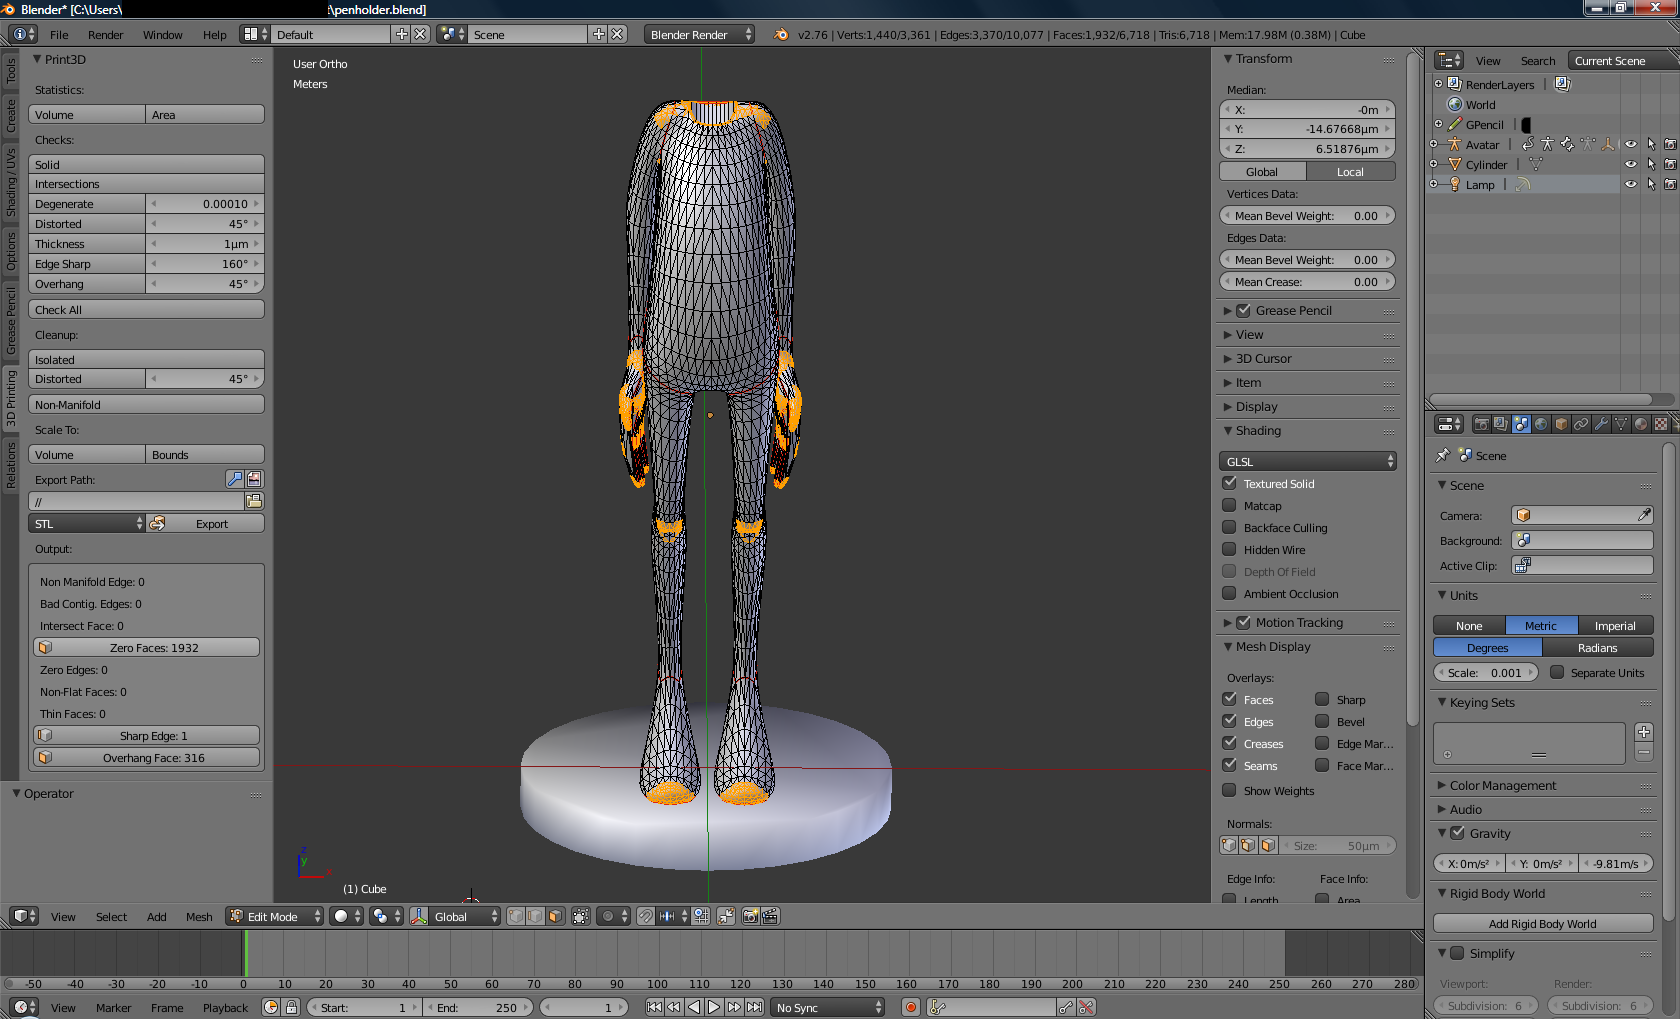 Portapenna: modello analizzato via 3D Print Toolbox, che ha rilevato le parti potenzialmente problematiche in fase di stampa 3D